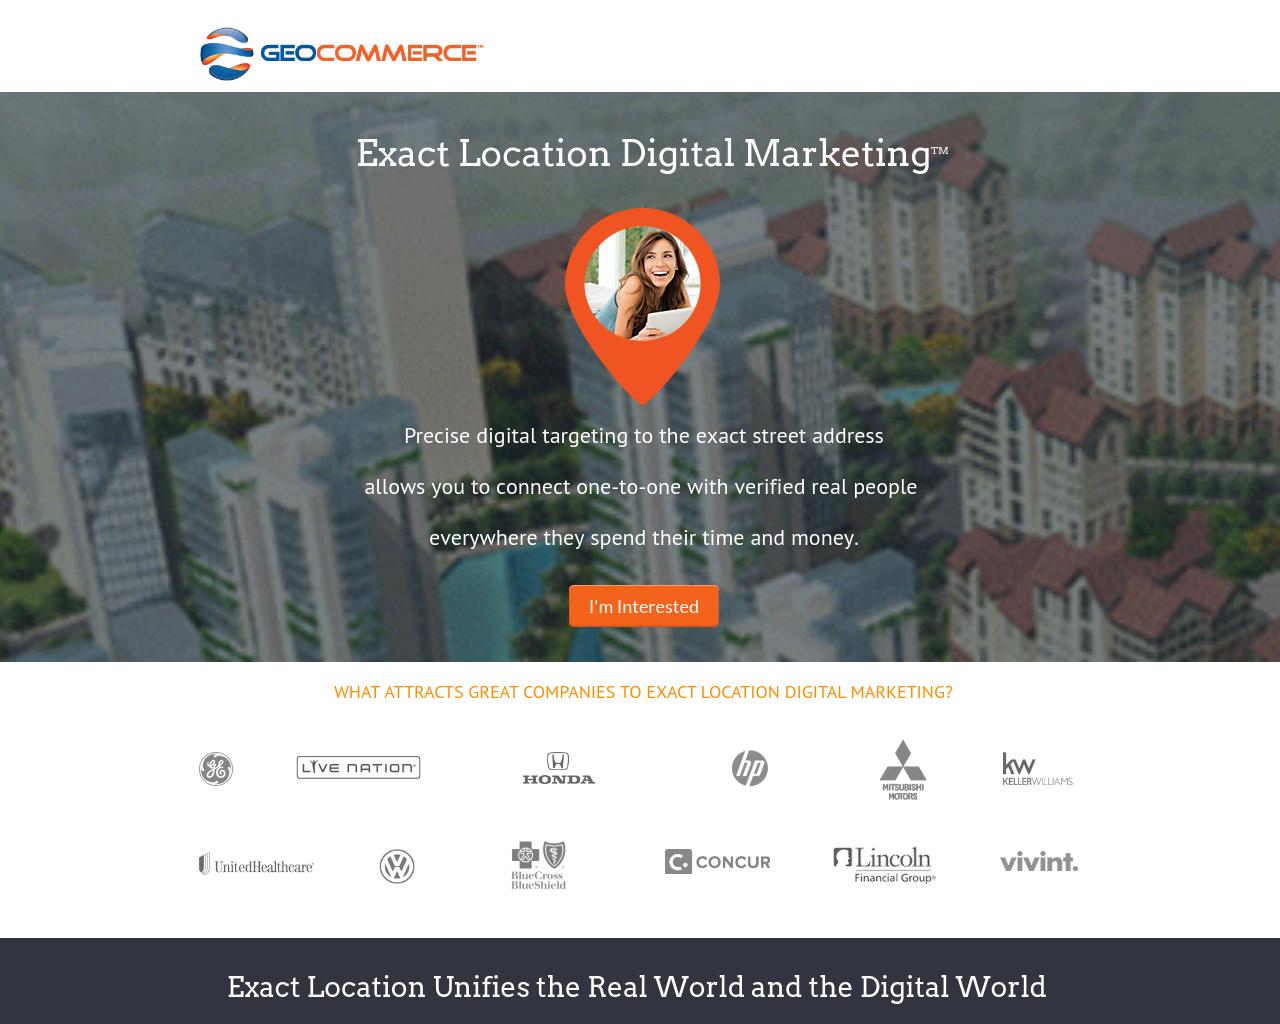 GeoCommerce-Advertising-Reviews-Pricing